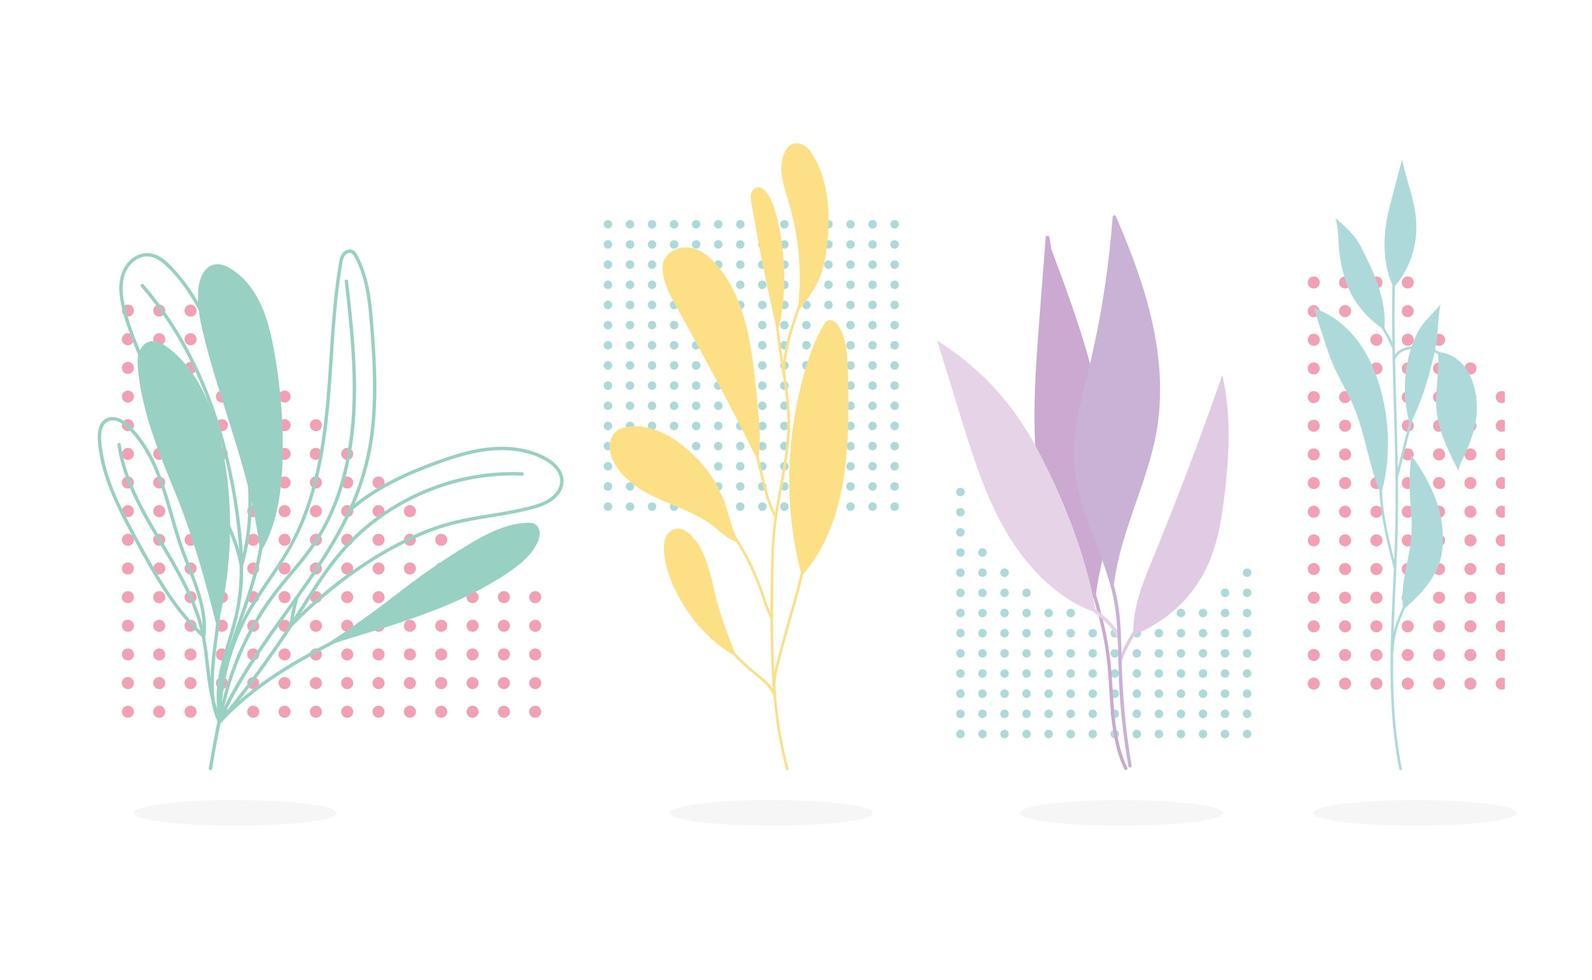 ramo, folhas, figura botânica. fundo geométrico de decoração vetor